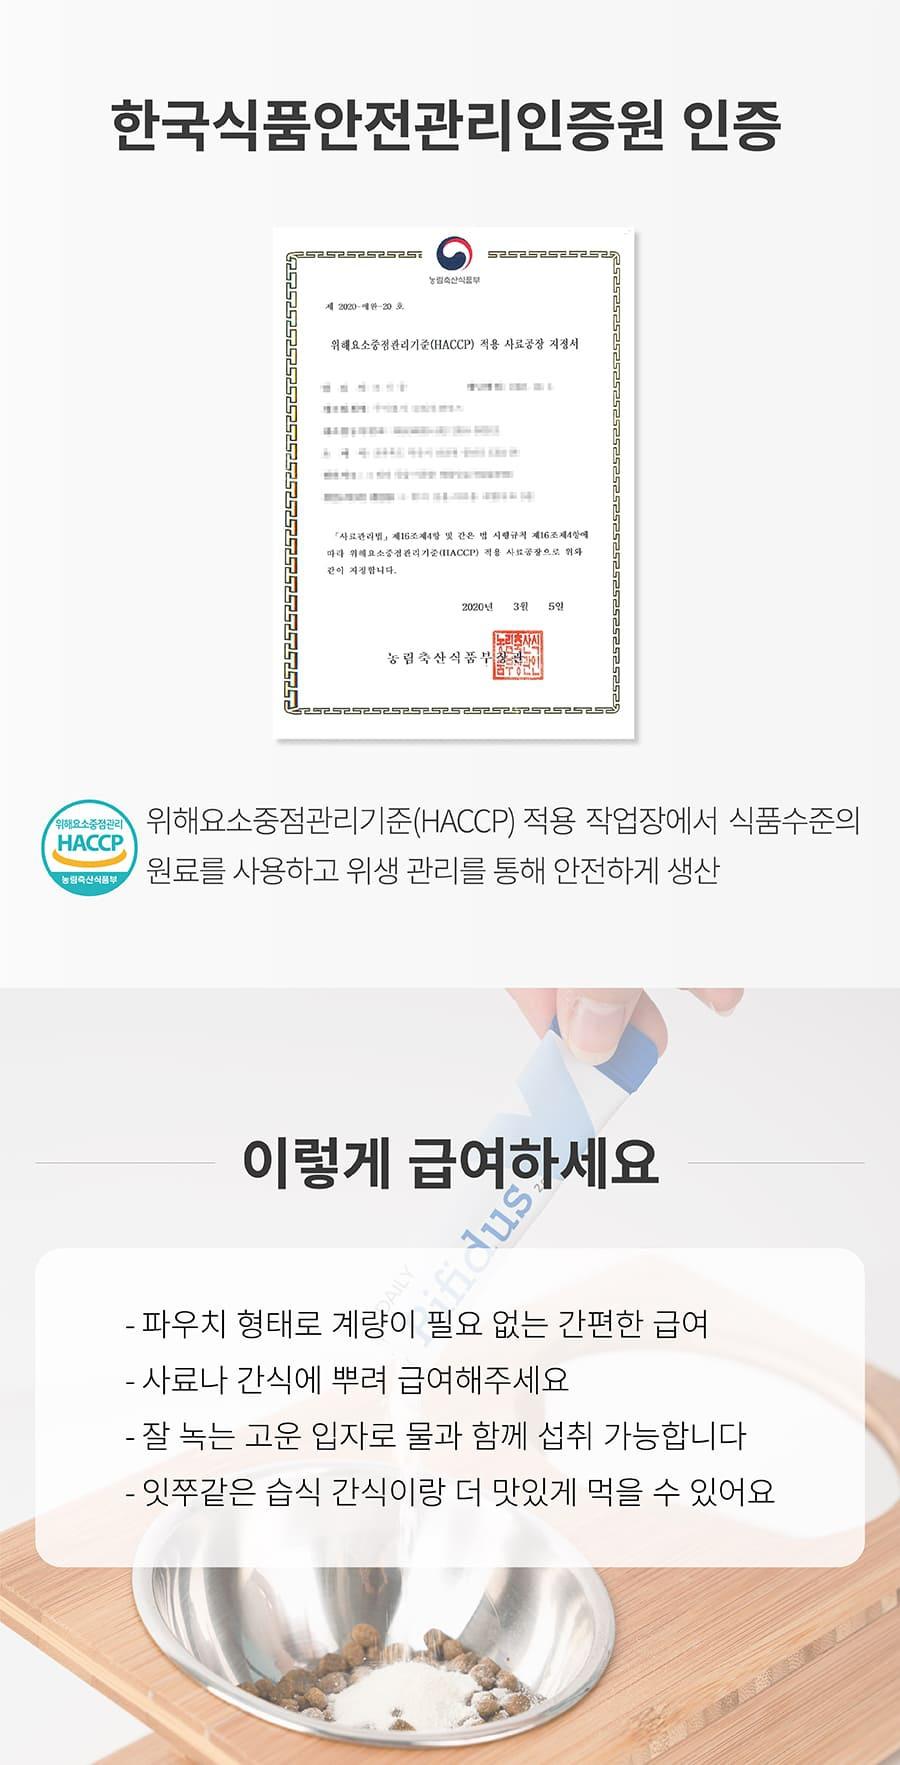 [EVENT] Vetter 댕냥이 영양 파우더 11종 (관절/피부/안정/눈/장/소화)-상품이미지-34